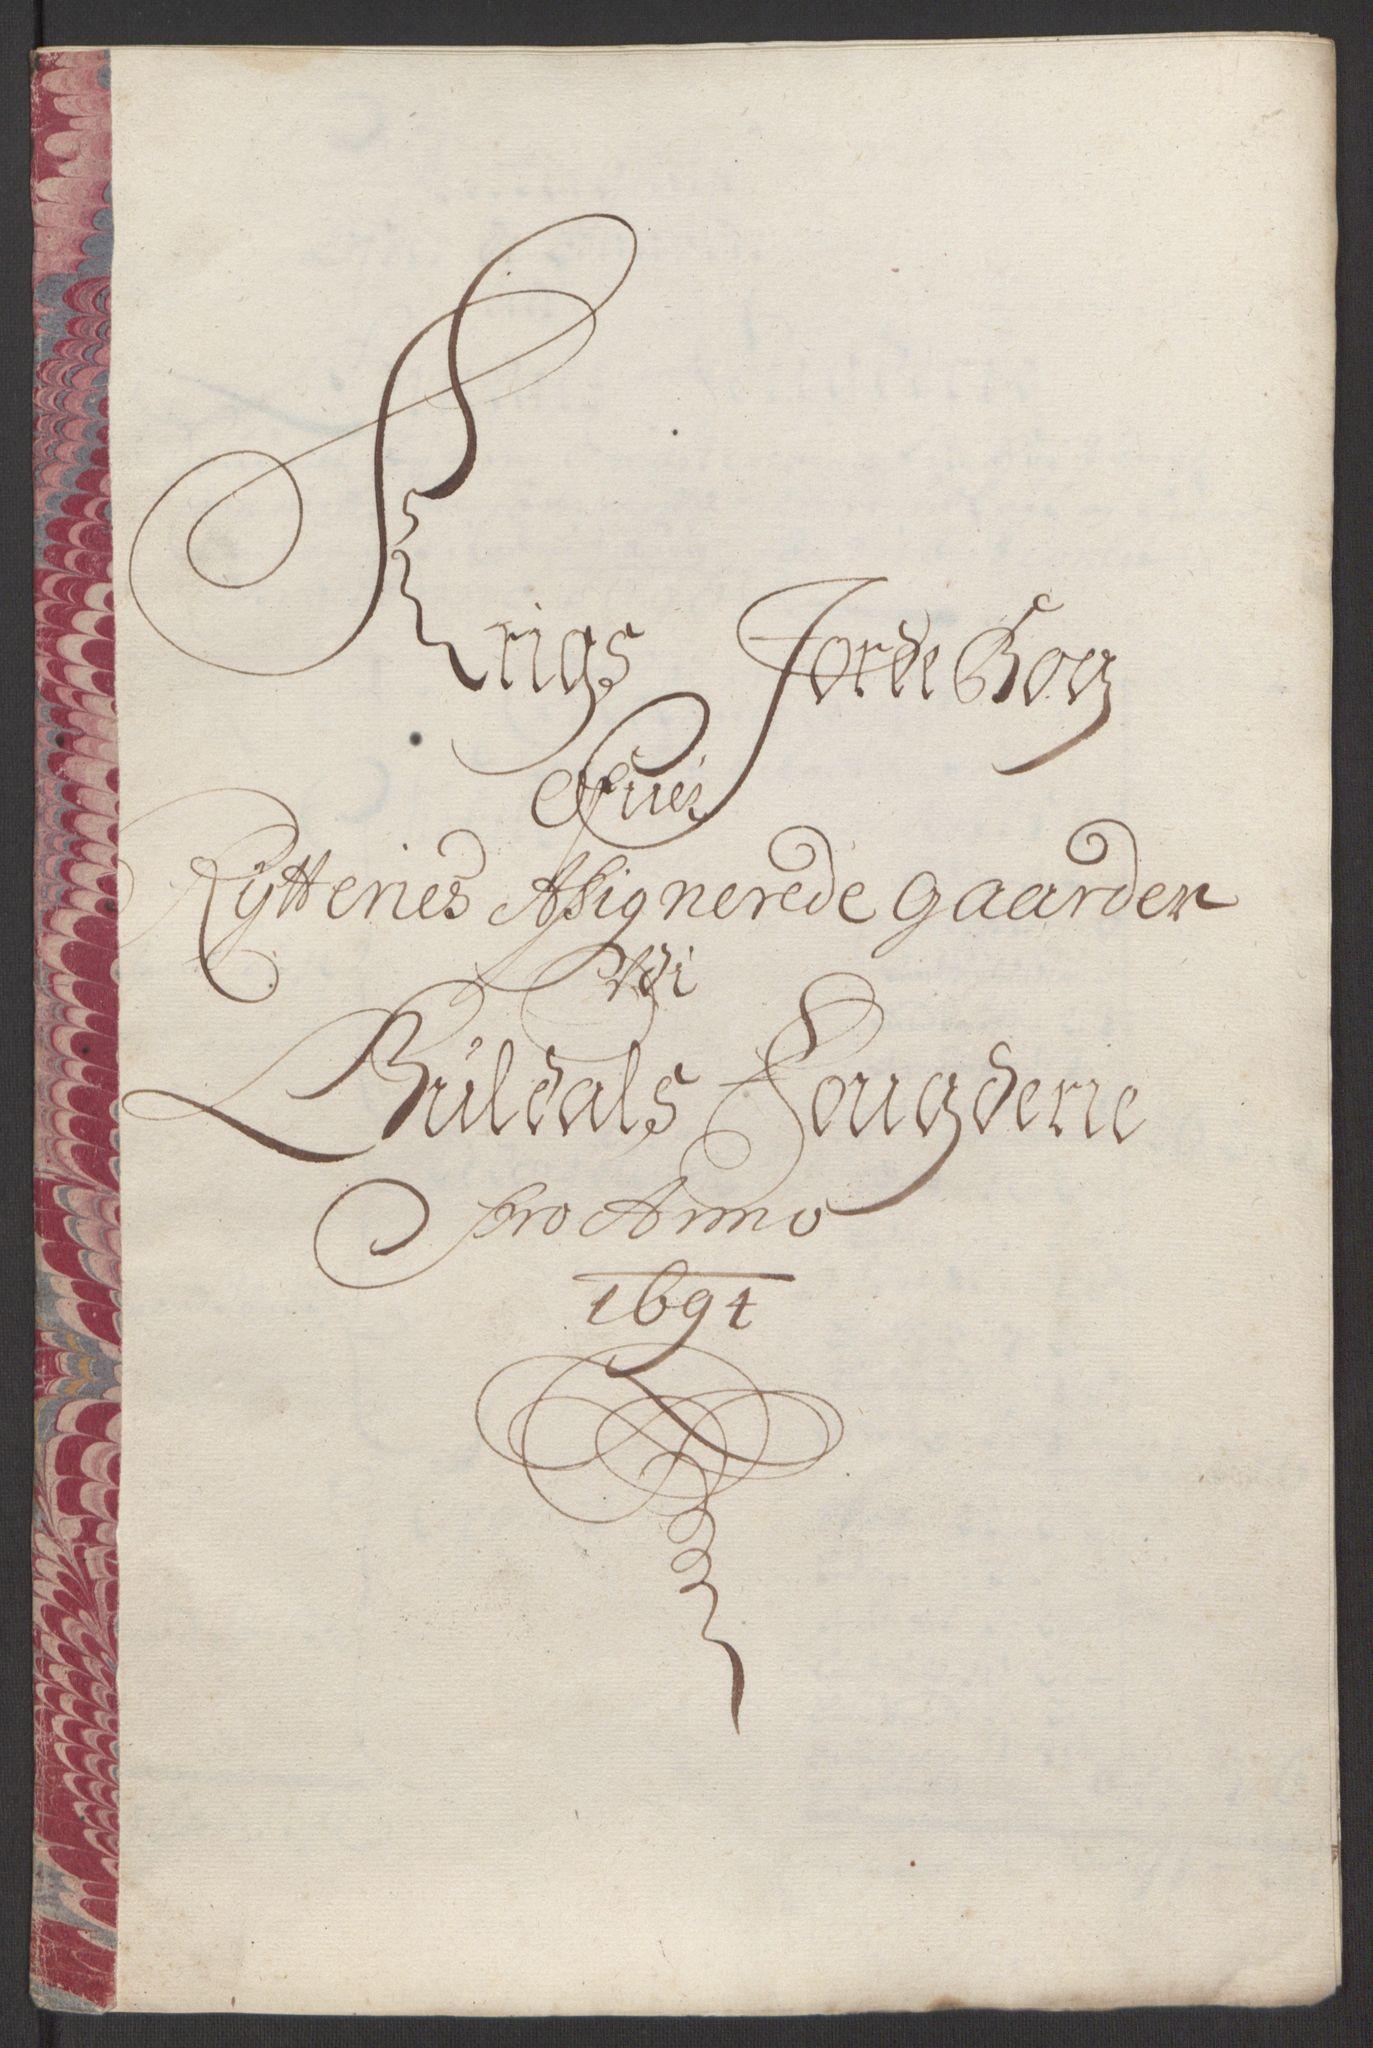 RA, Rentekammeret inntil 1814, Reviderte regnskaper, Fogderegnskap, R60/L3944: Fogderegnskap Orkdal og Gauldal, 1694, s. 418